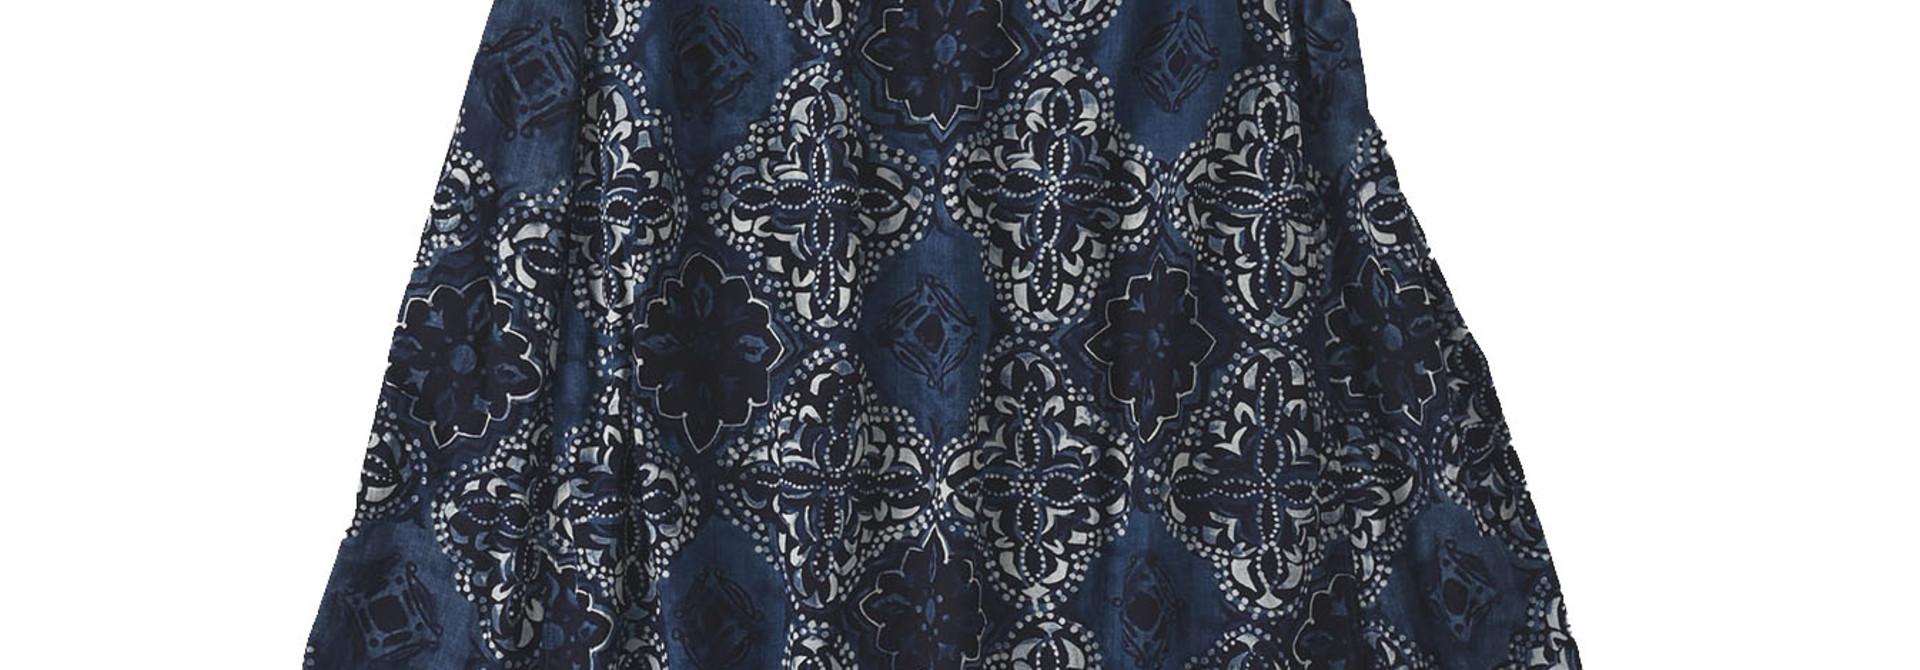 Batik Printed Capri Dress(0721)